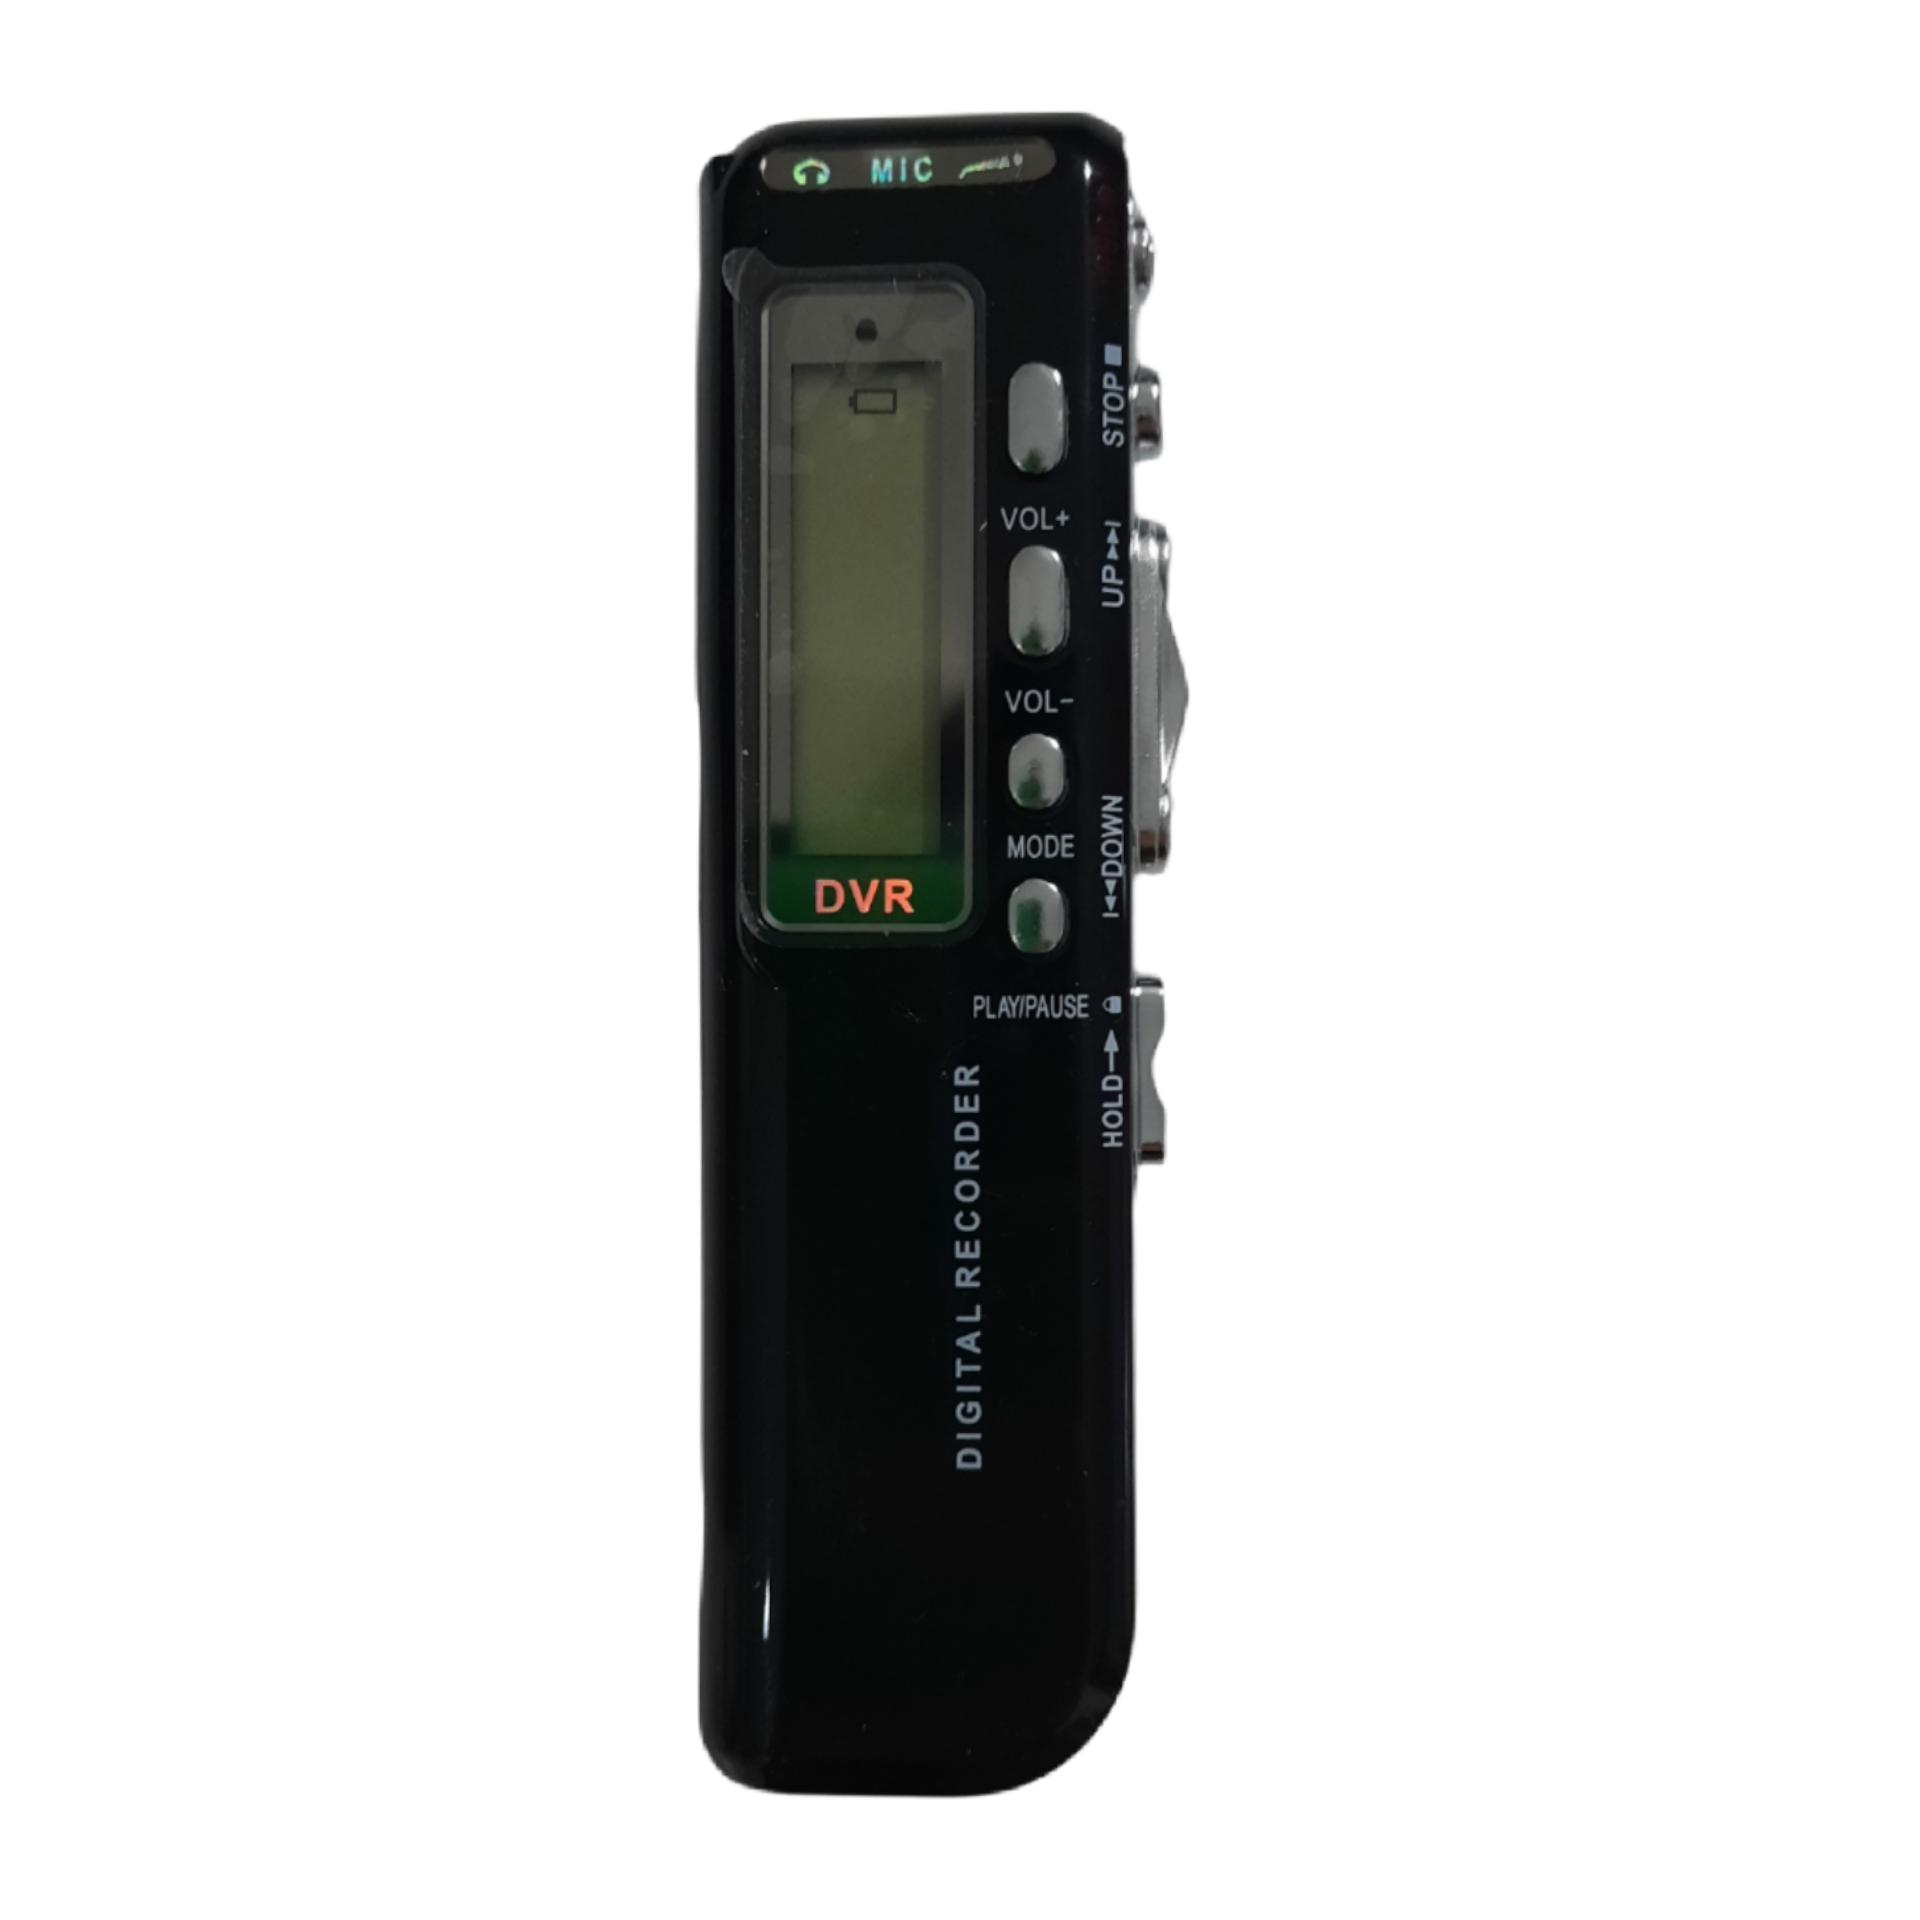 ضبط کننده دیجیتالی صدا مدل DVR323